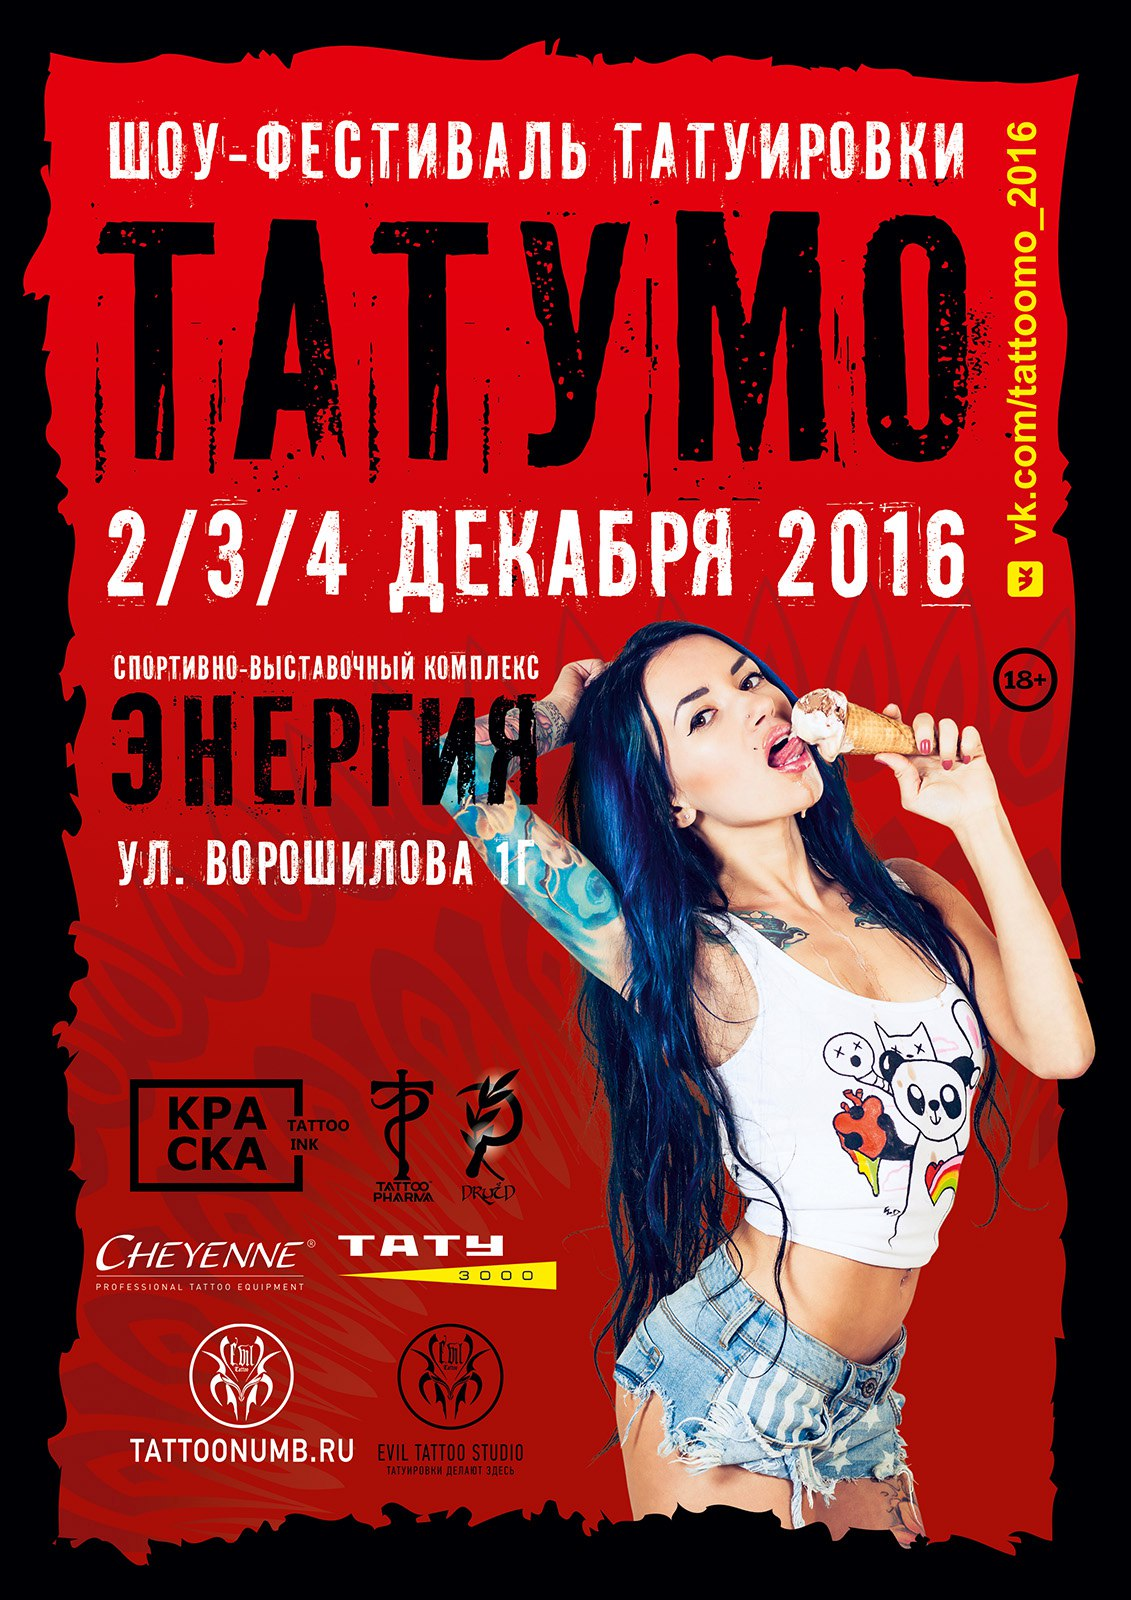 """шоу-фестиваль татуировок """"Татумо"""""""